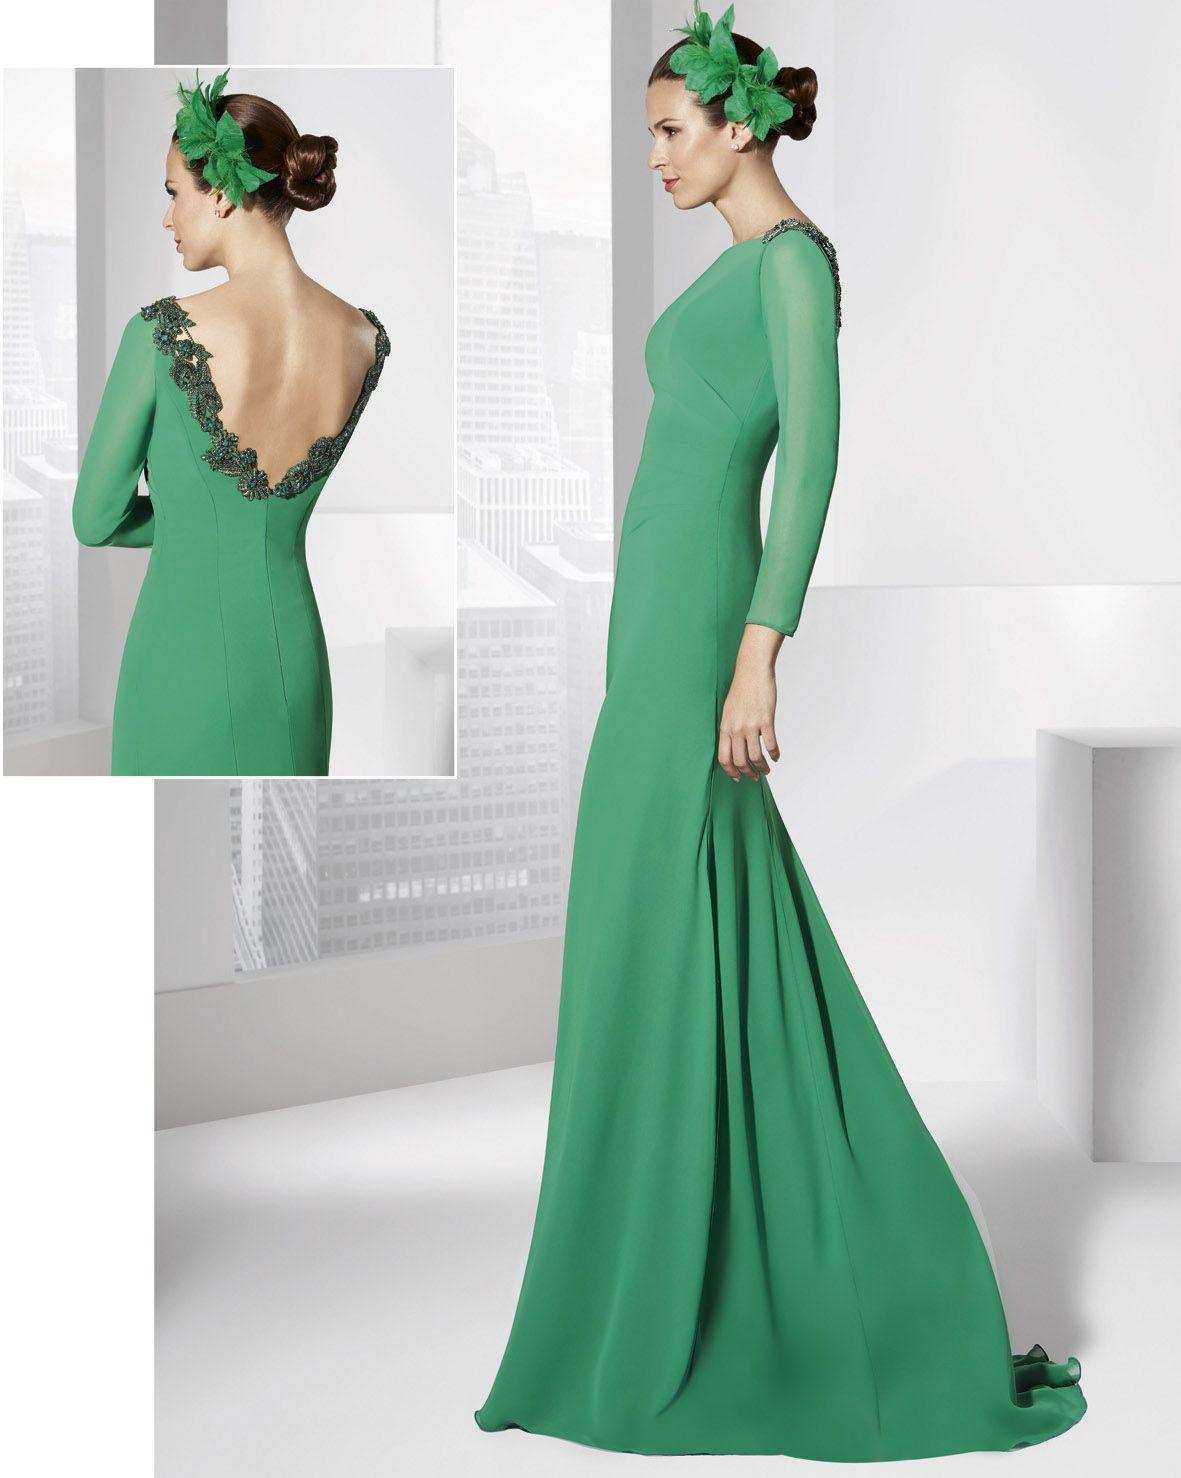 Best Vestido De Novia Franc Sarabia Photos - Wedding Ideas ...